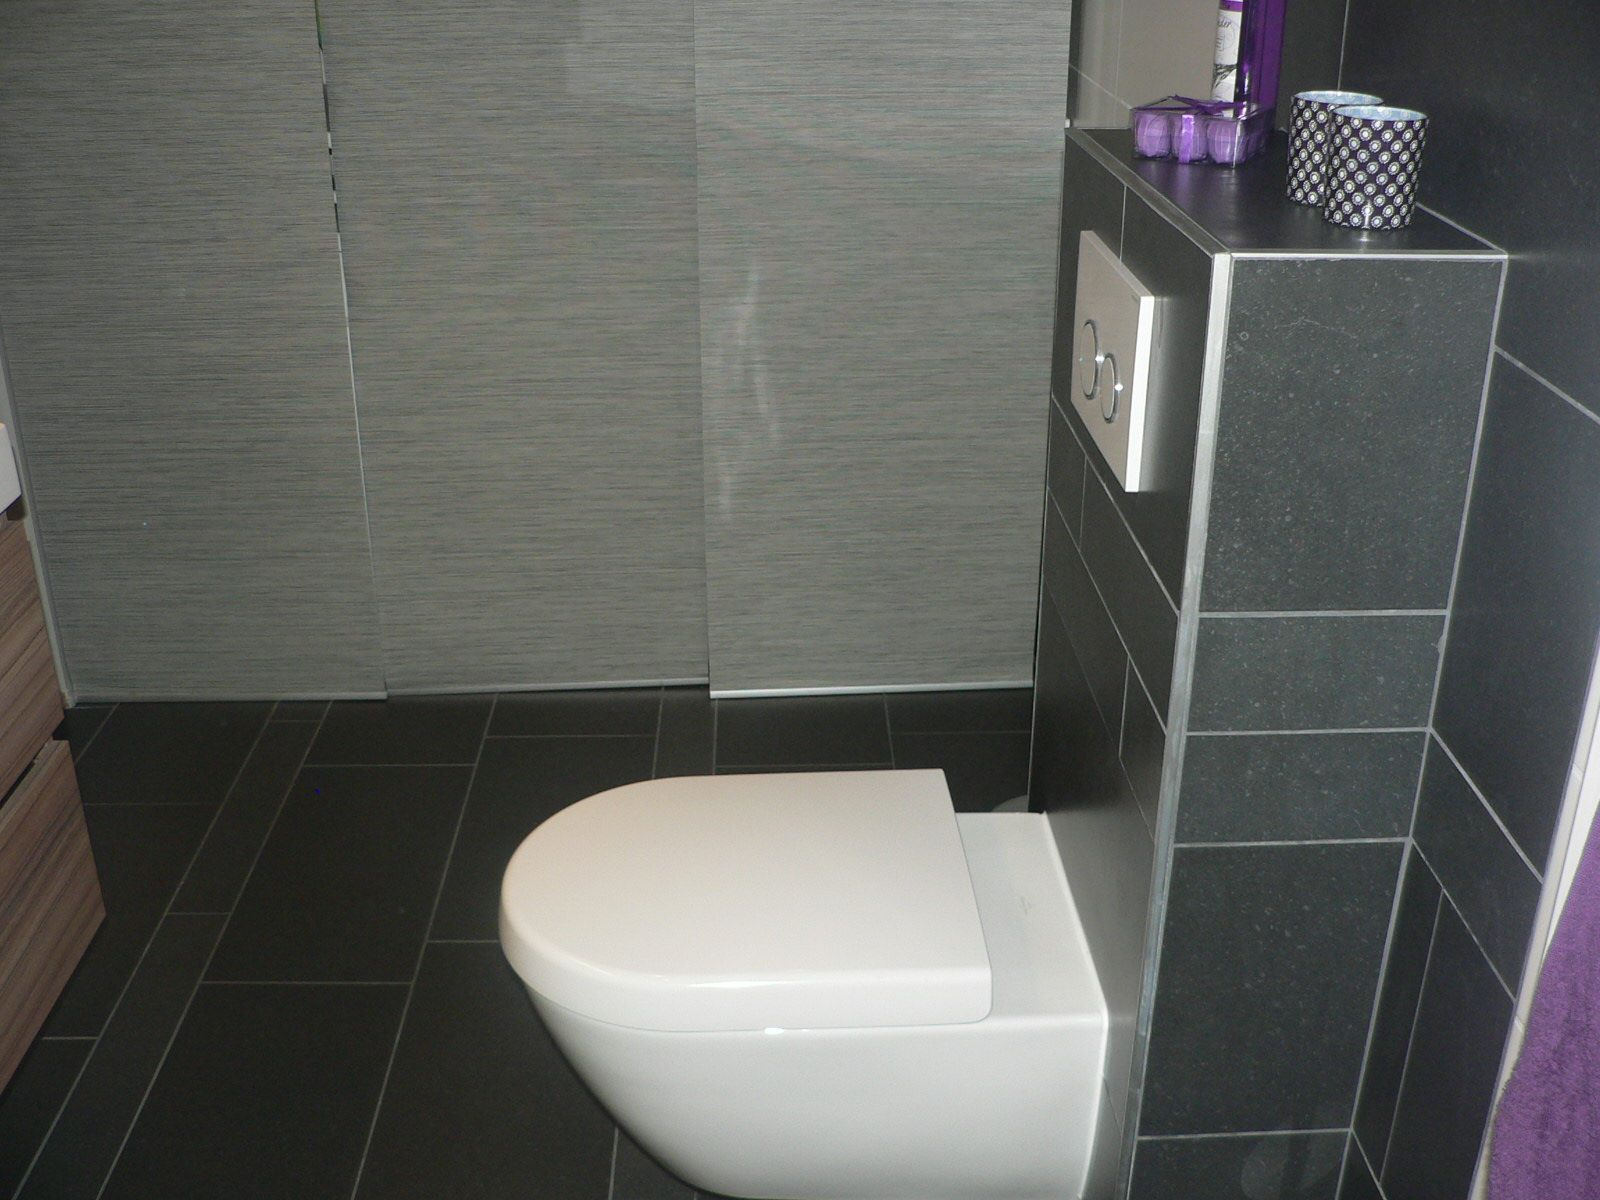 Zelf een hangtoilet plaatsen | bathroom | Pinterest | Laundry rooms ...